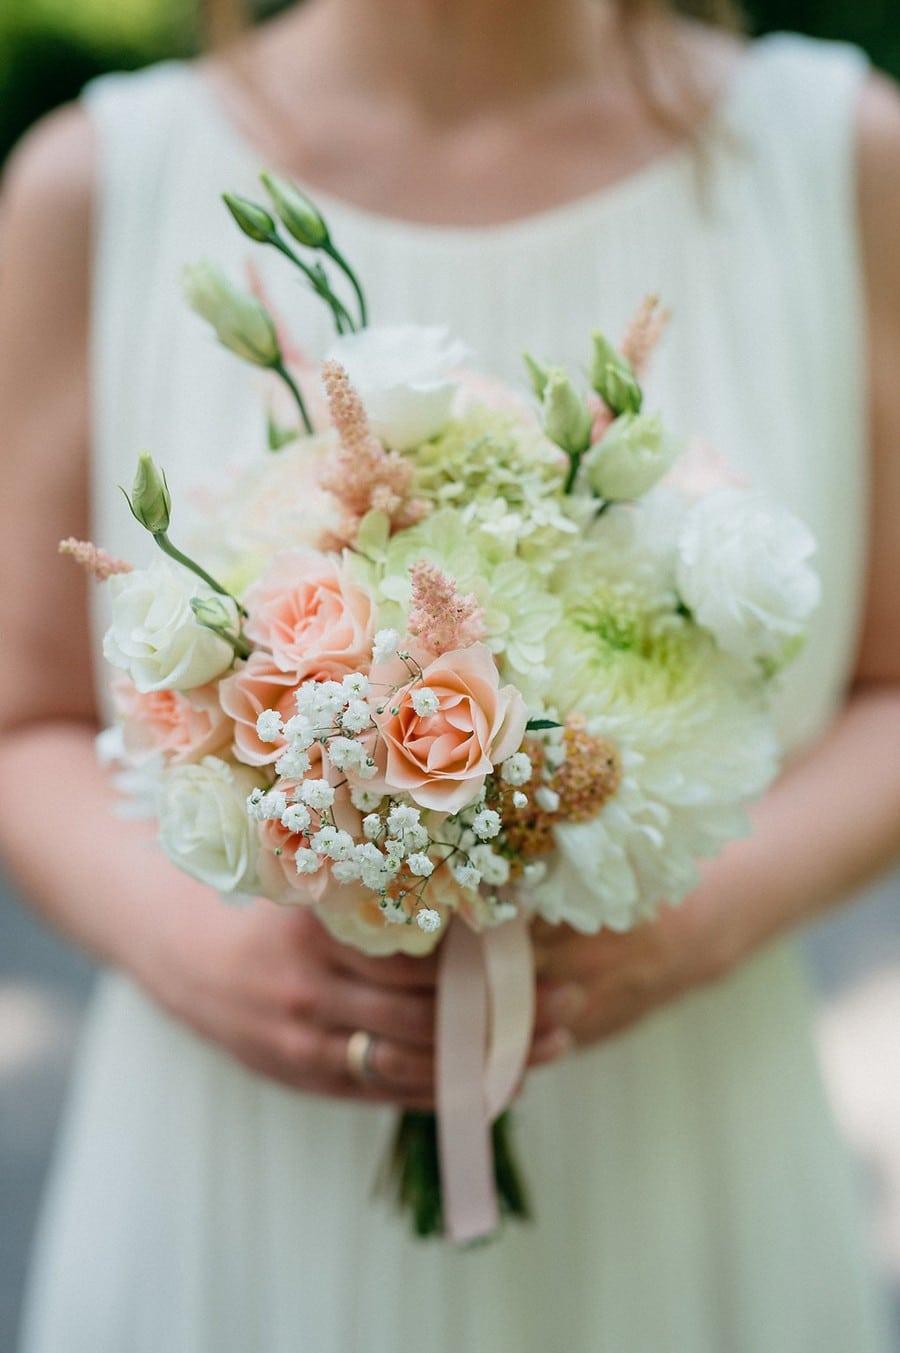 Brautstrauß im Vintage-Stil in Pastellfarben